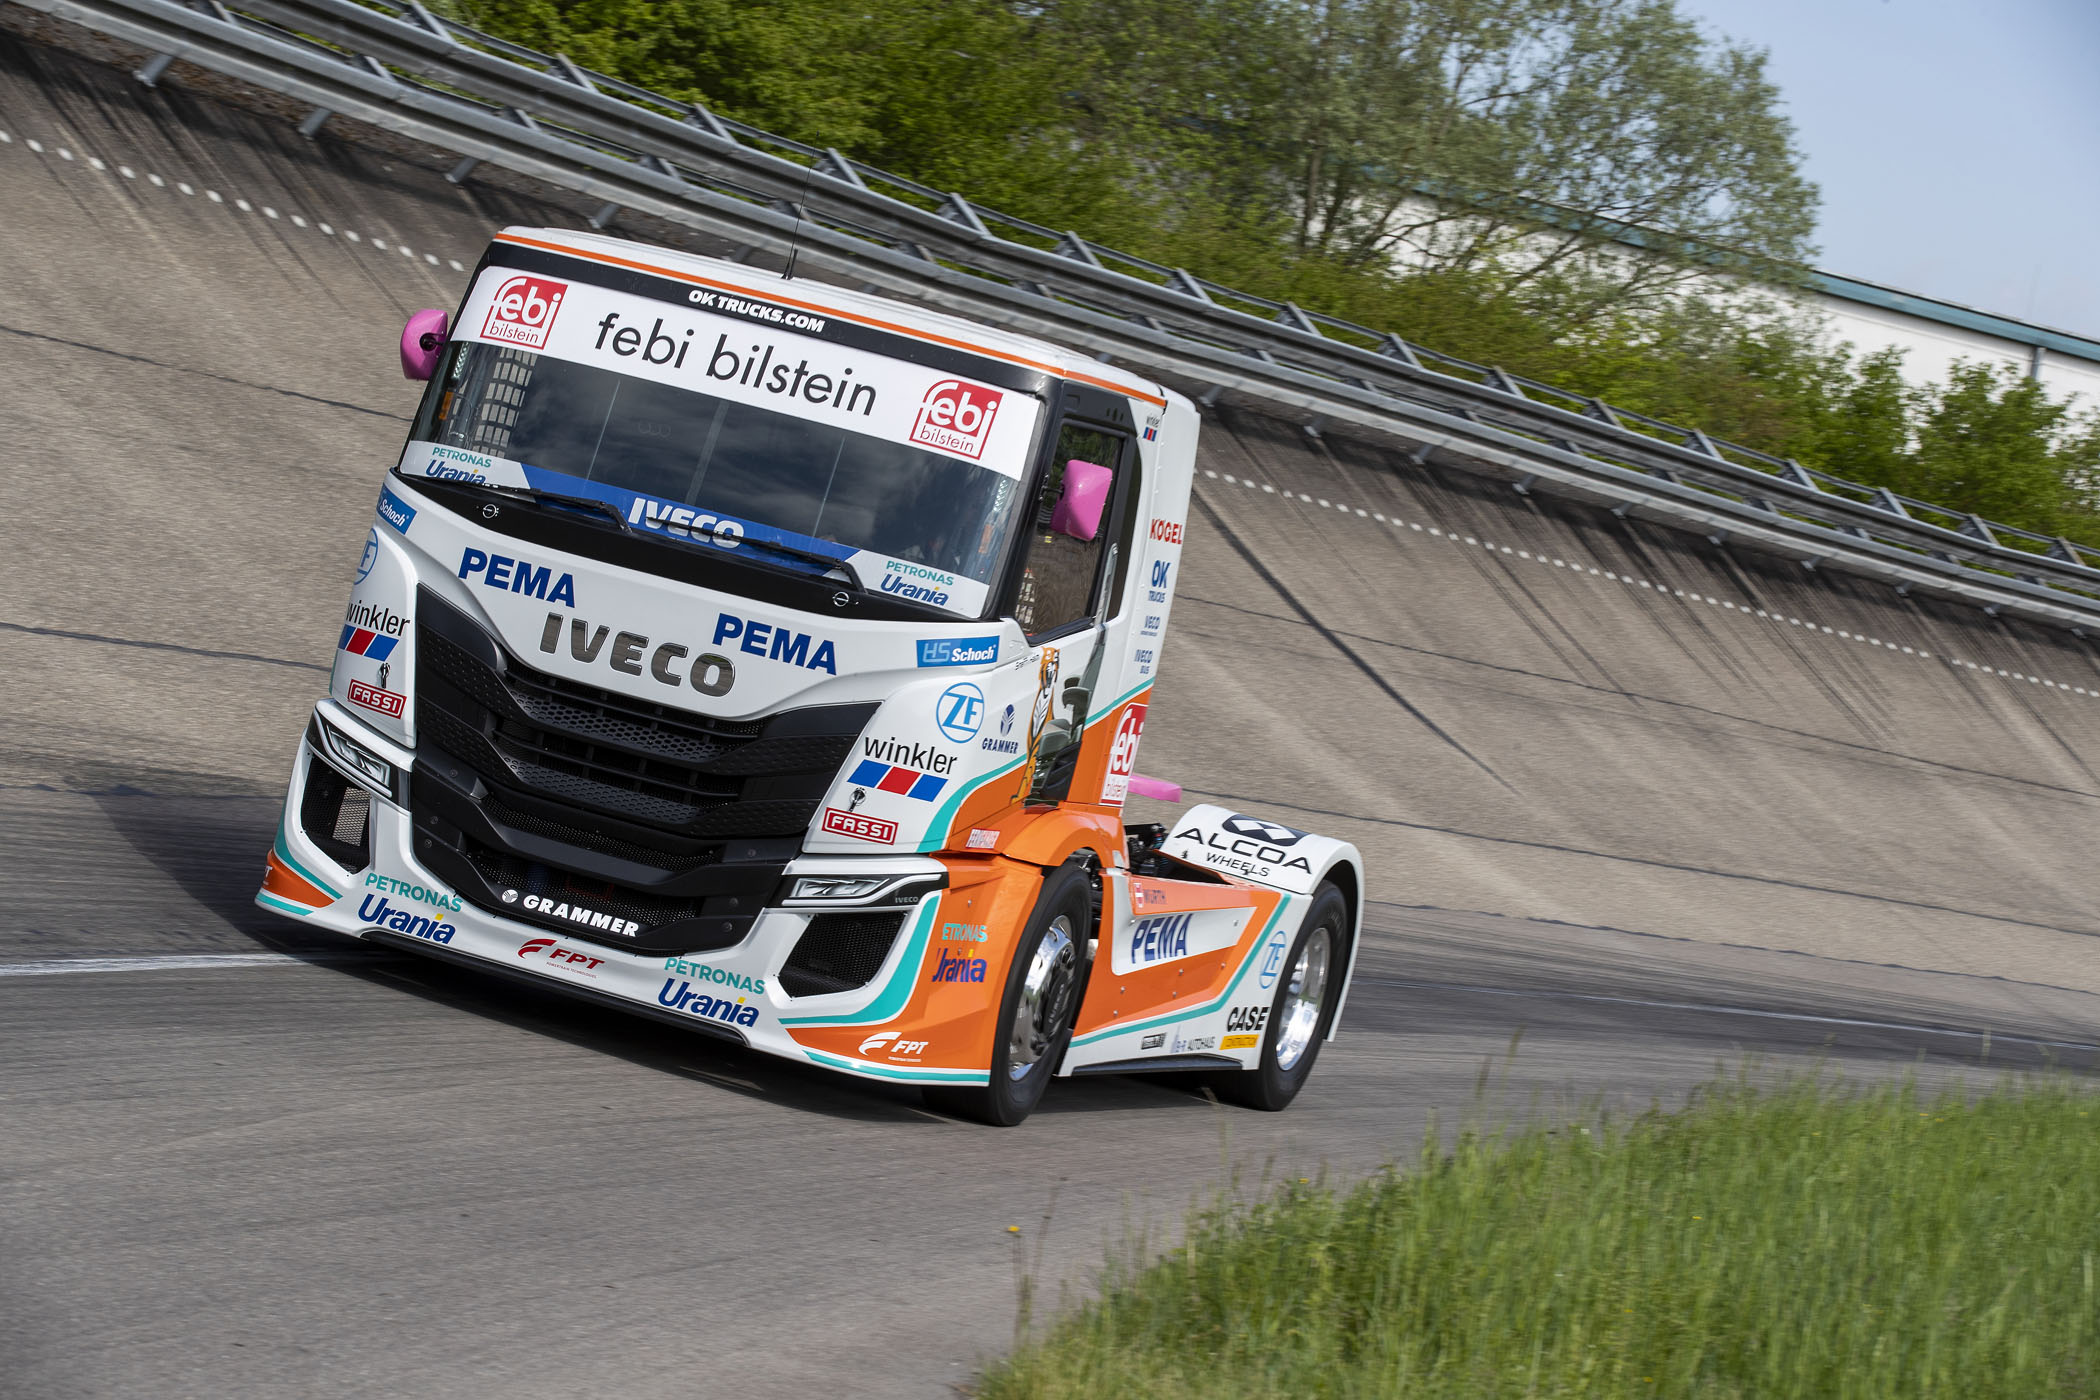 iveco-s-way-r-racing-trucks.jpg